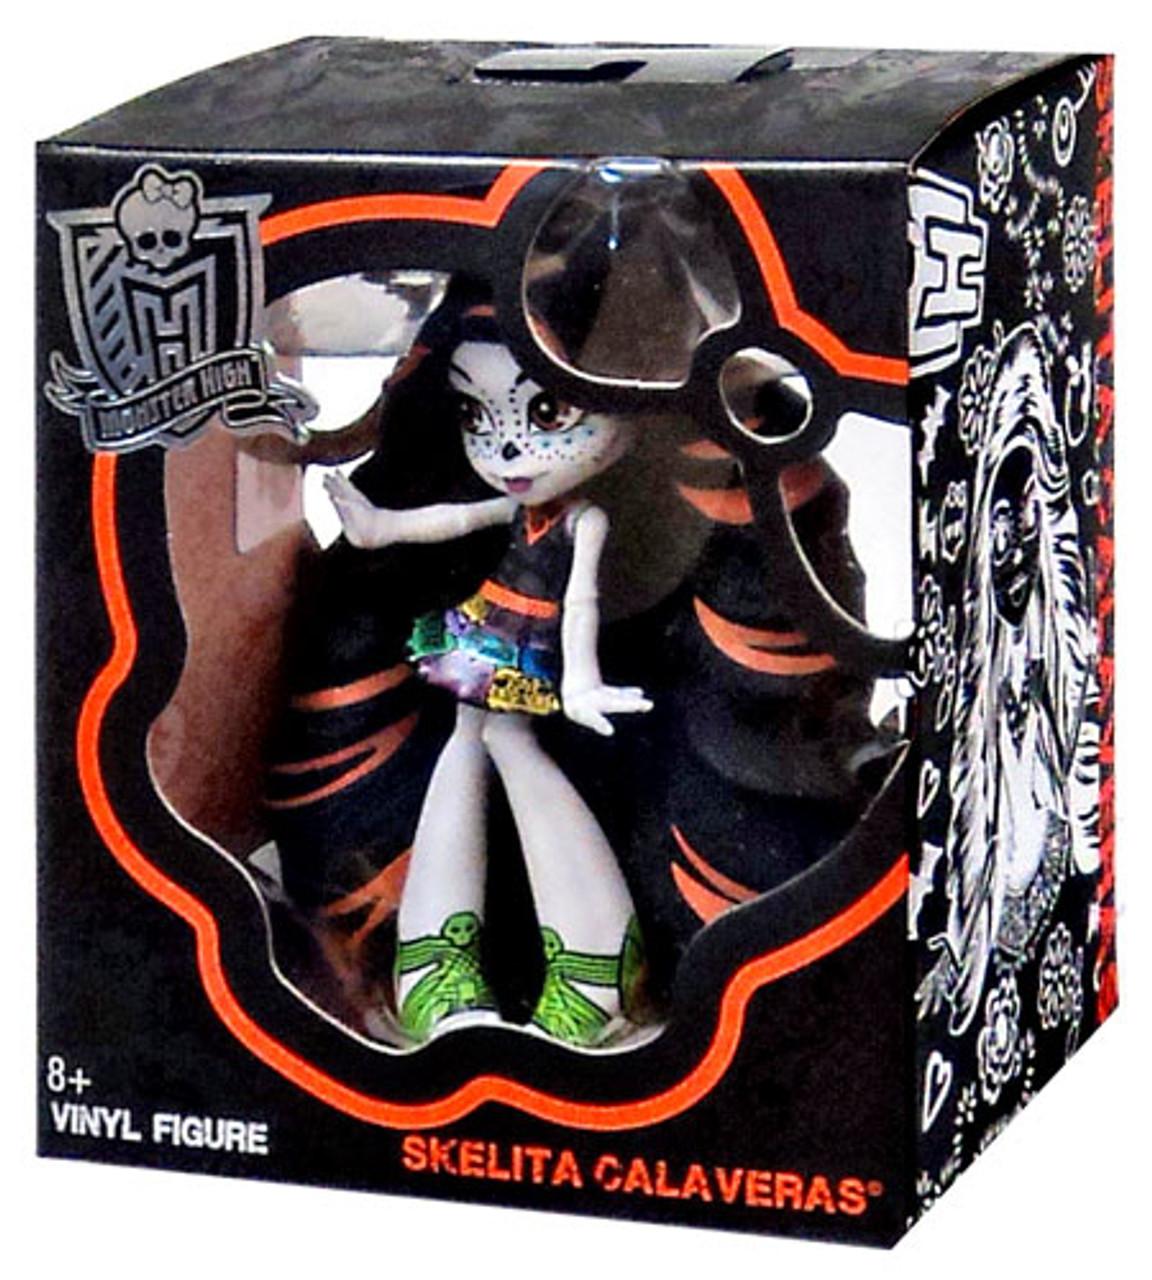 Skelita Calaveras/merchandise | Monster High Wiki | Fandom | 1280x1152